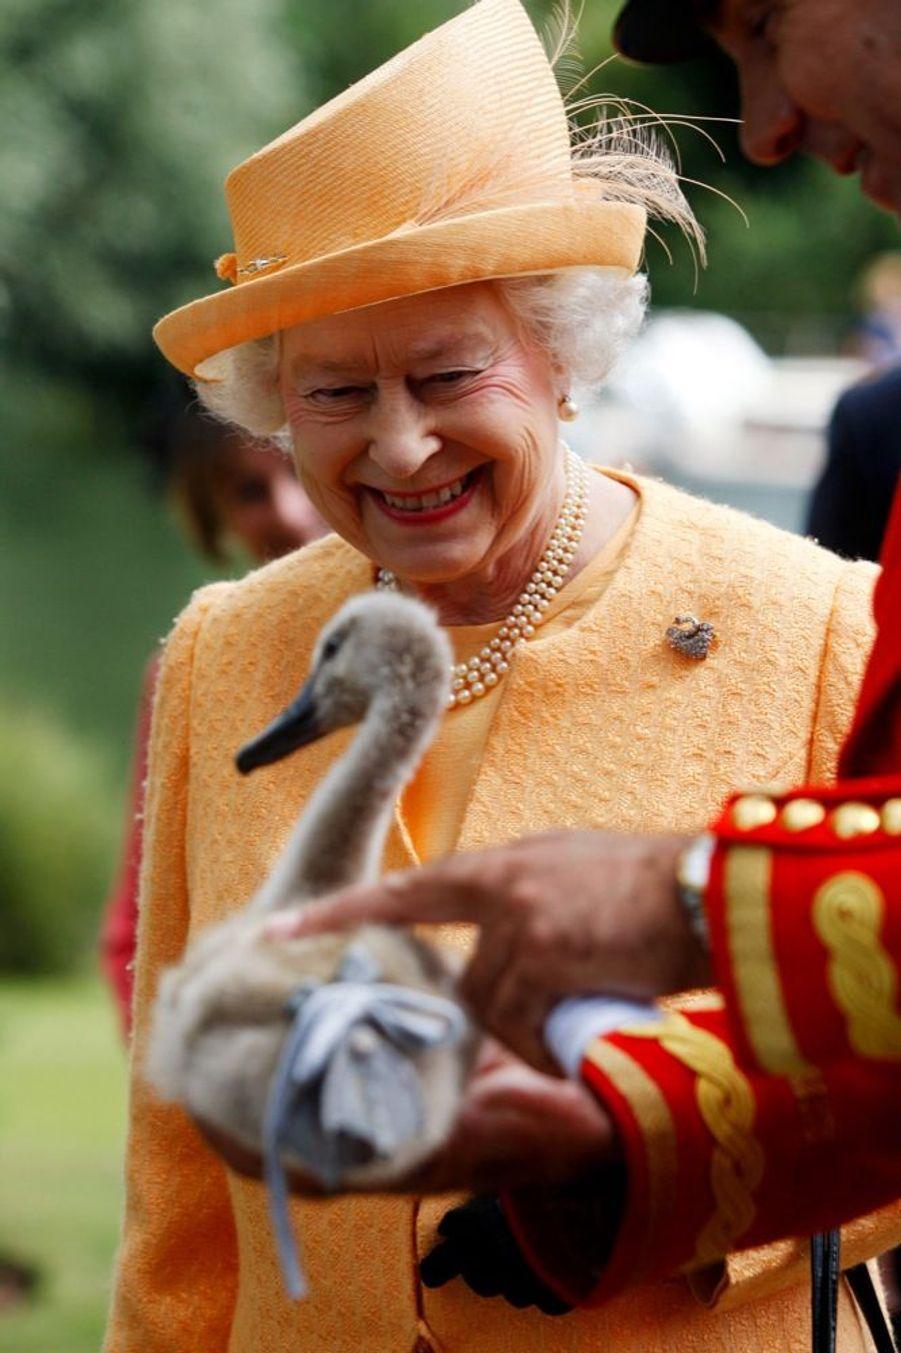 La reine Elizabeth II en 2009, lors de l'unique présence de son règne au recensement annuel des cygnes royaux, le «swan upping».